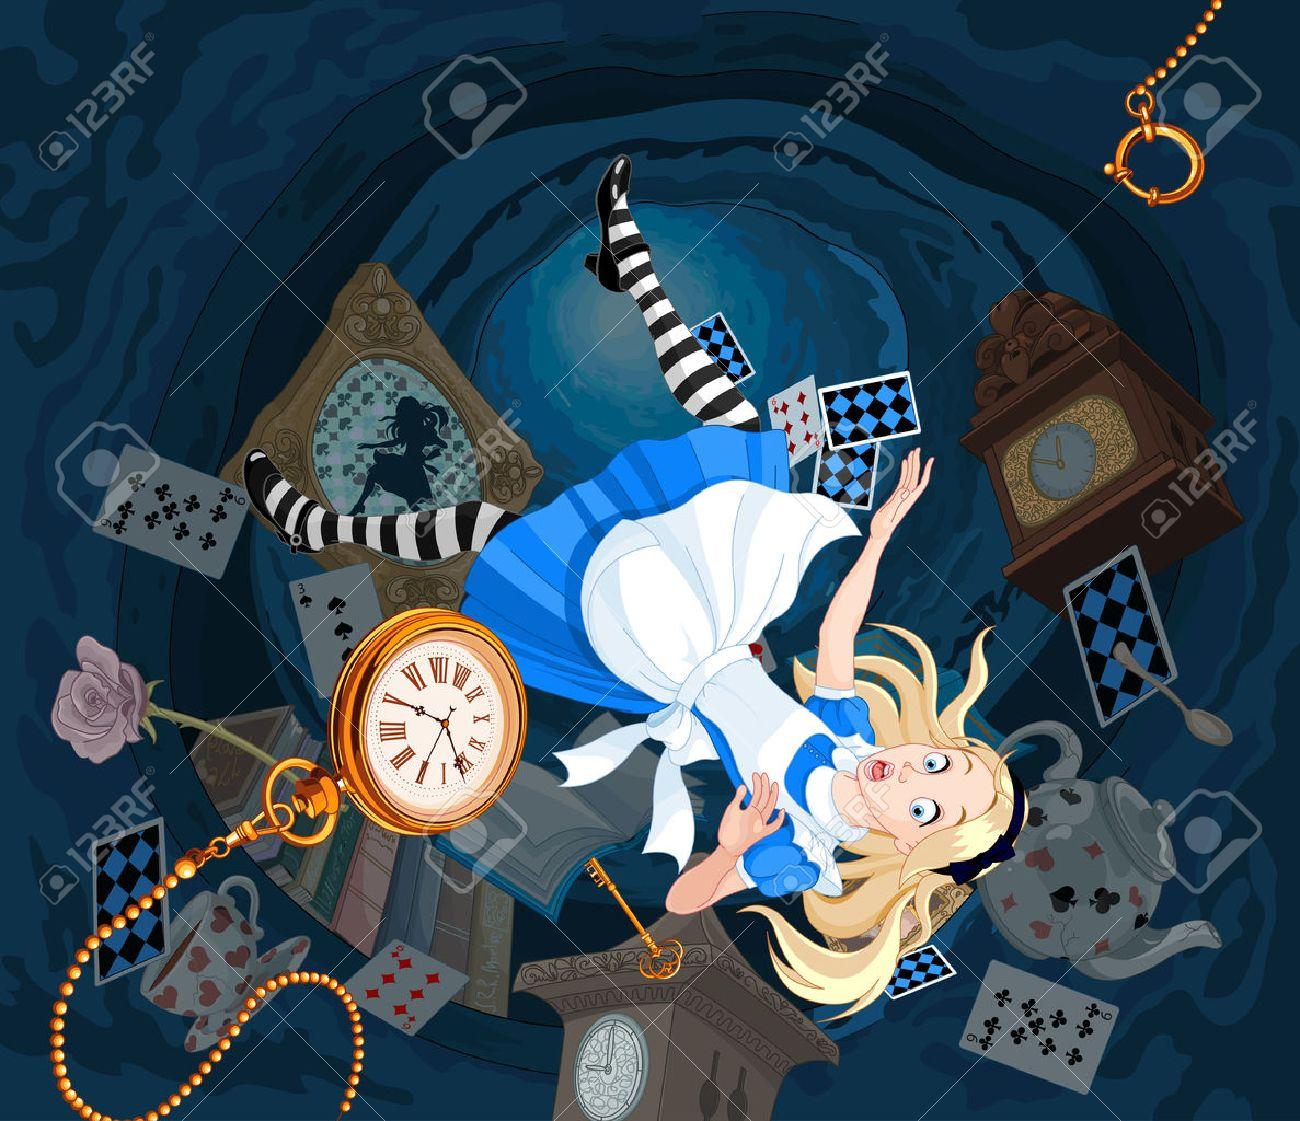 Alice est en train de tomber dans le trou de lapin Banque d'images - 64105780